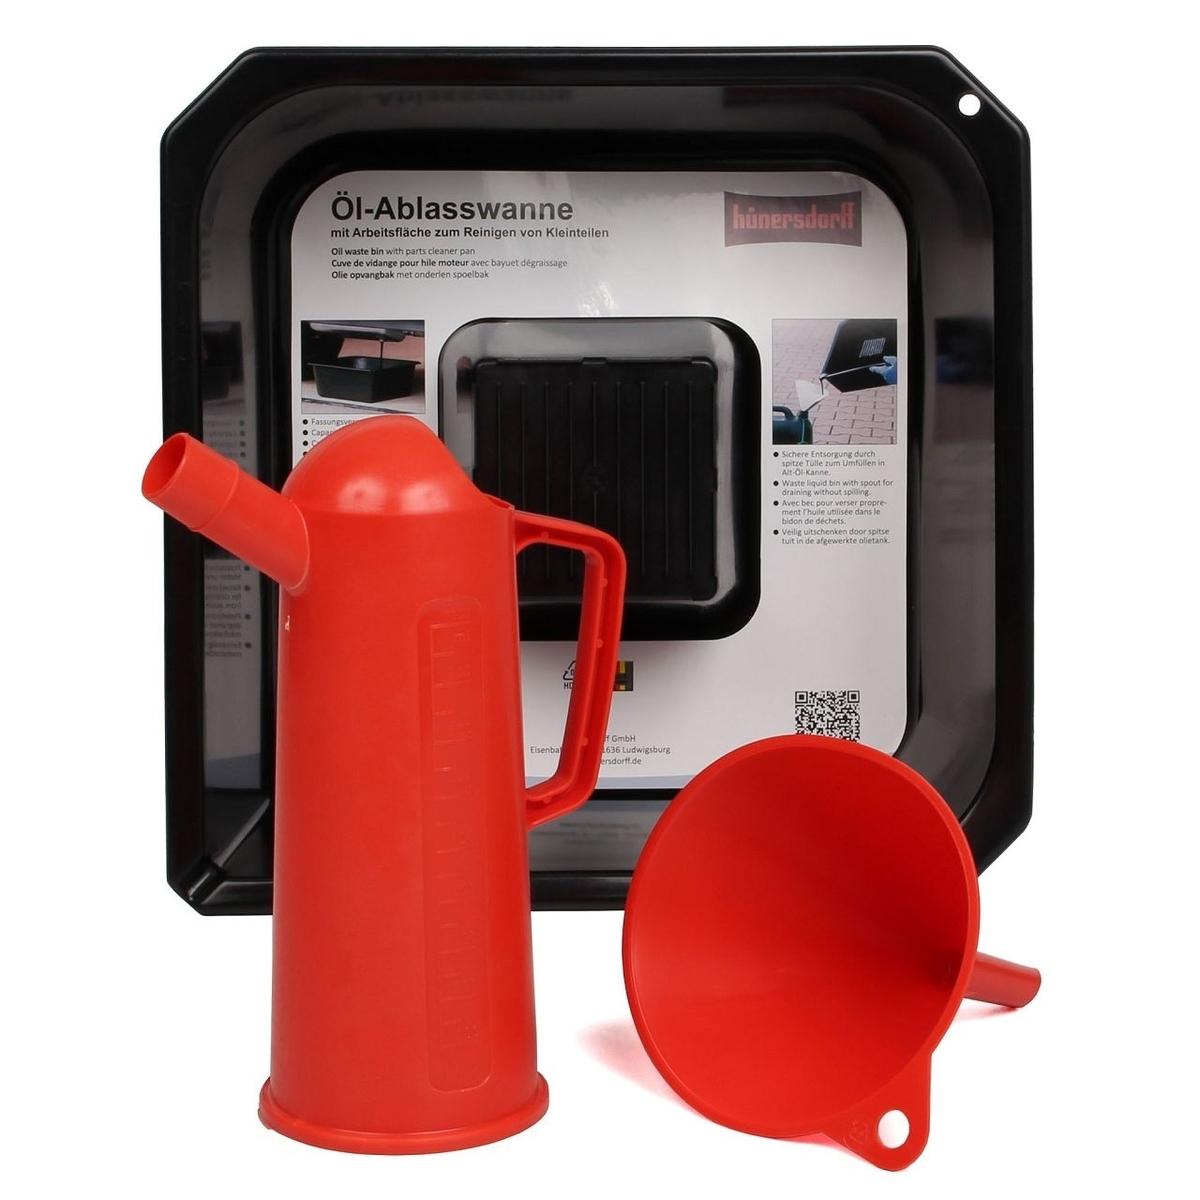 Sada na vypouštění a plnění motorového oleje, vana, trychtýř a odměrka, plast, 3 díly